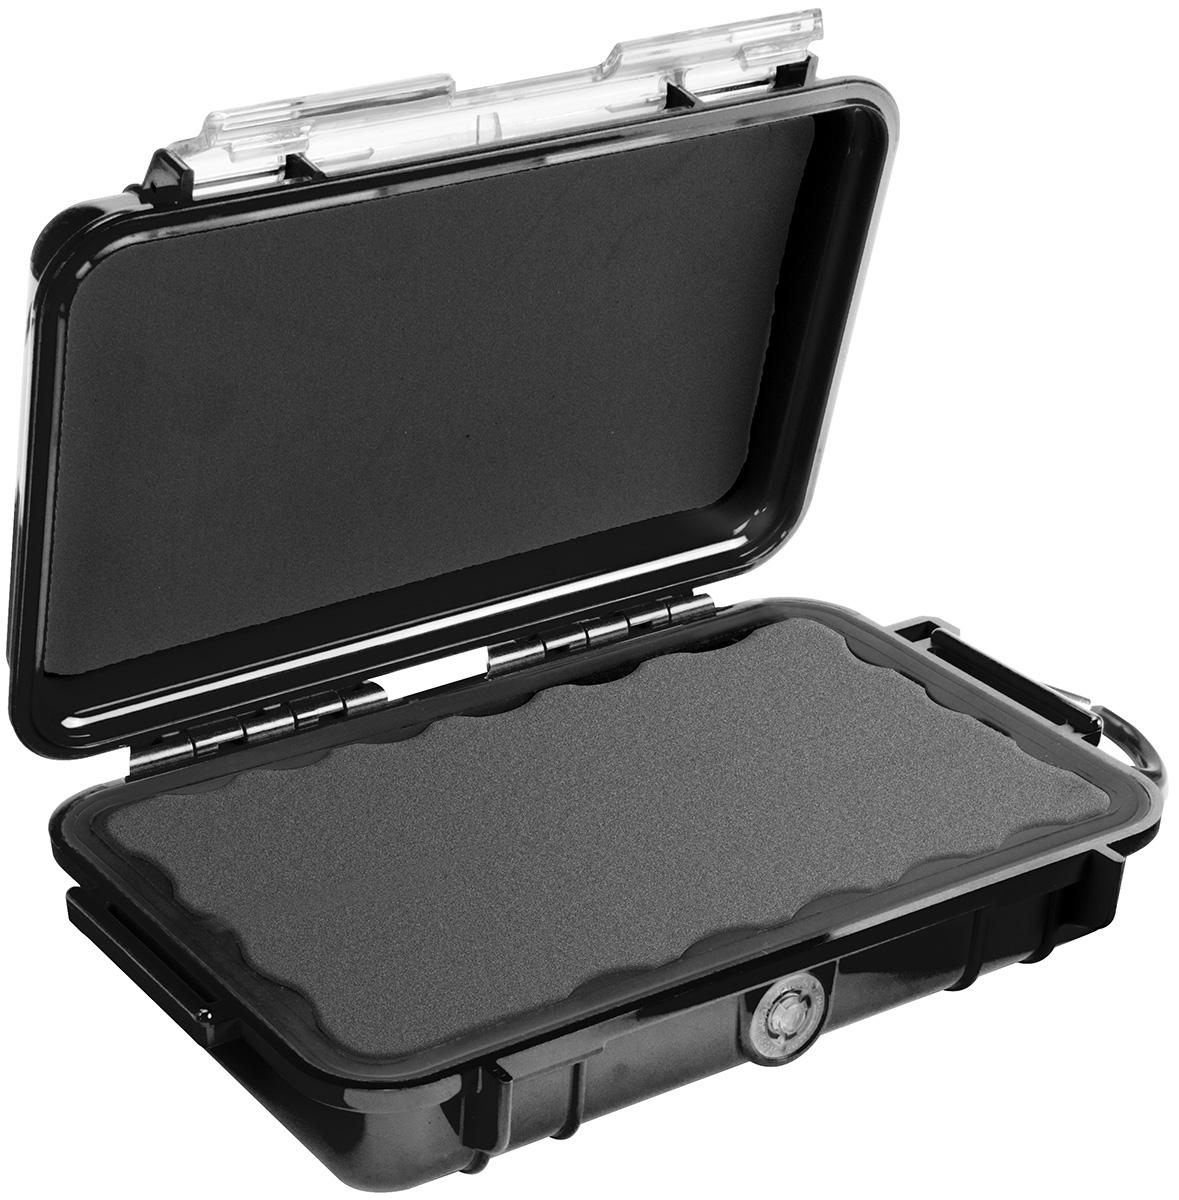 pelican waterproof protection hardcase